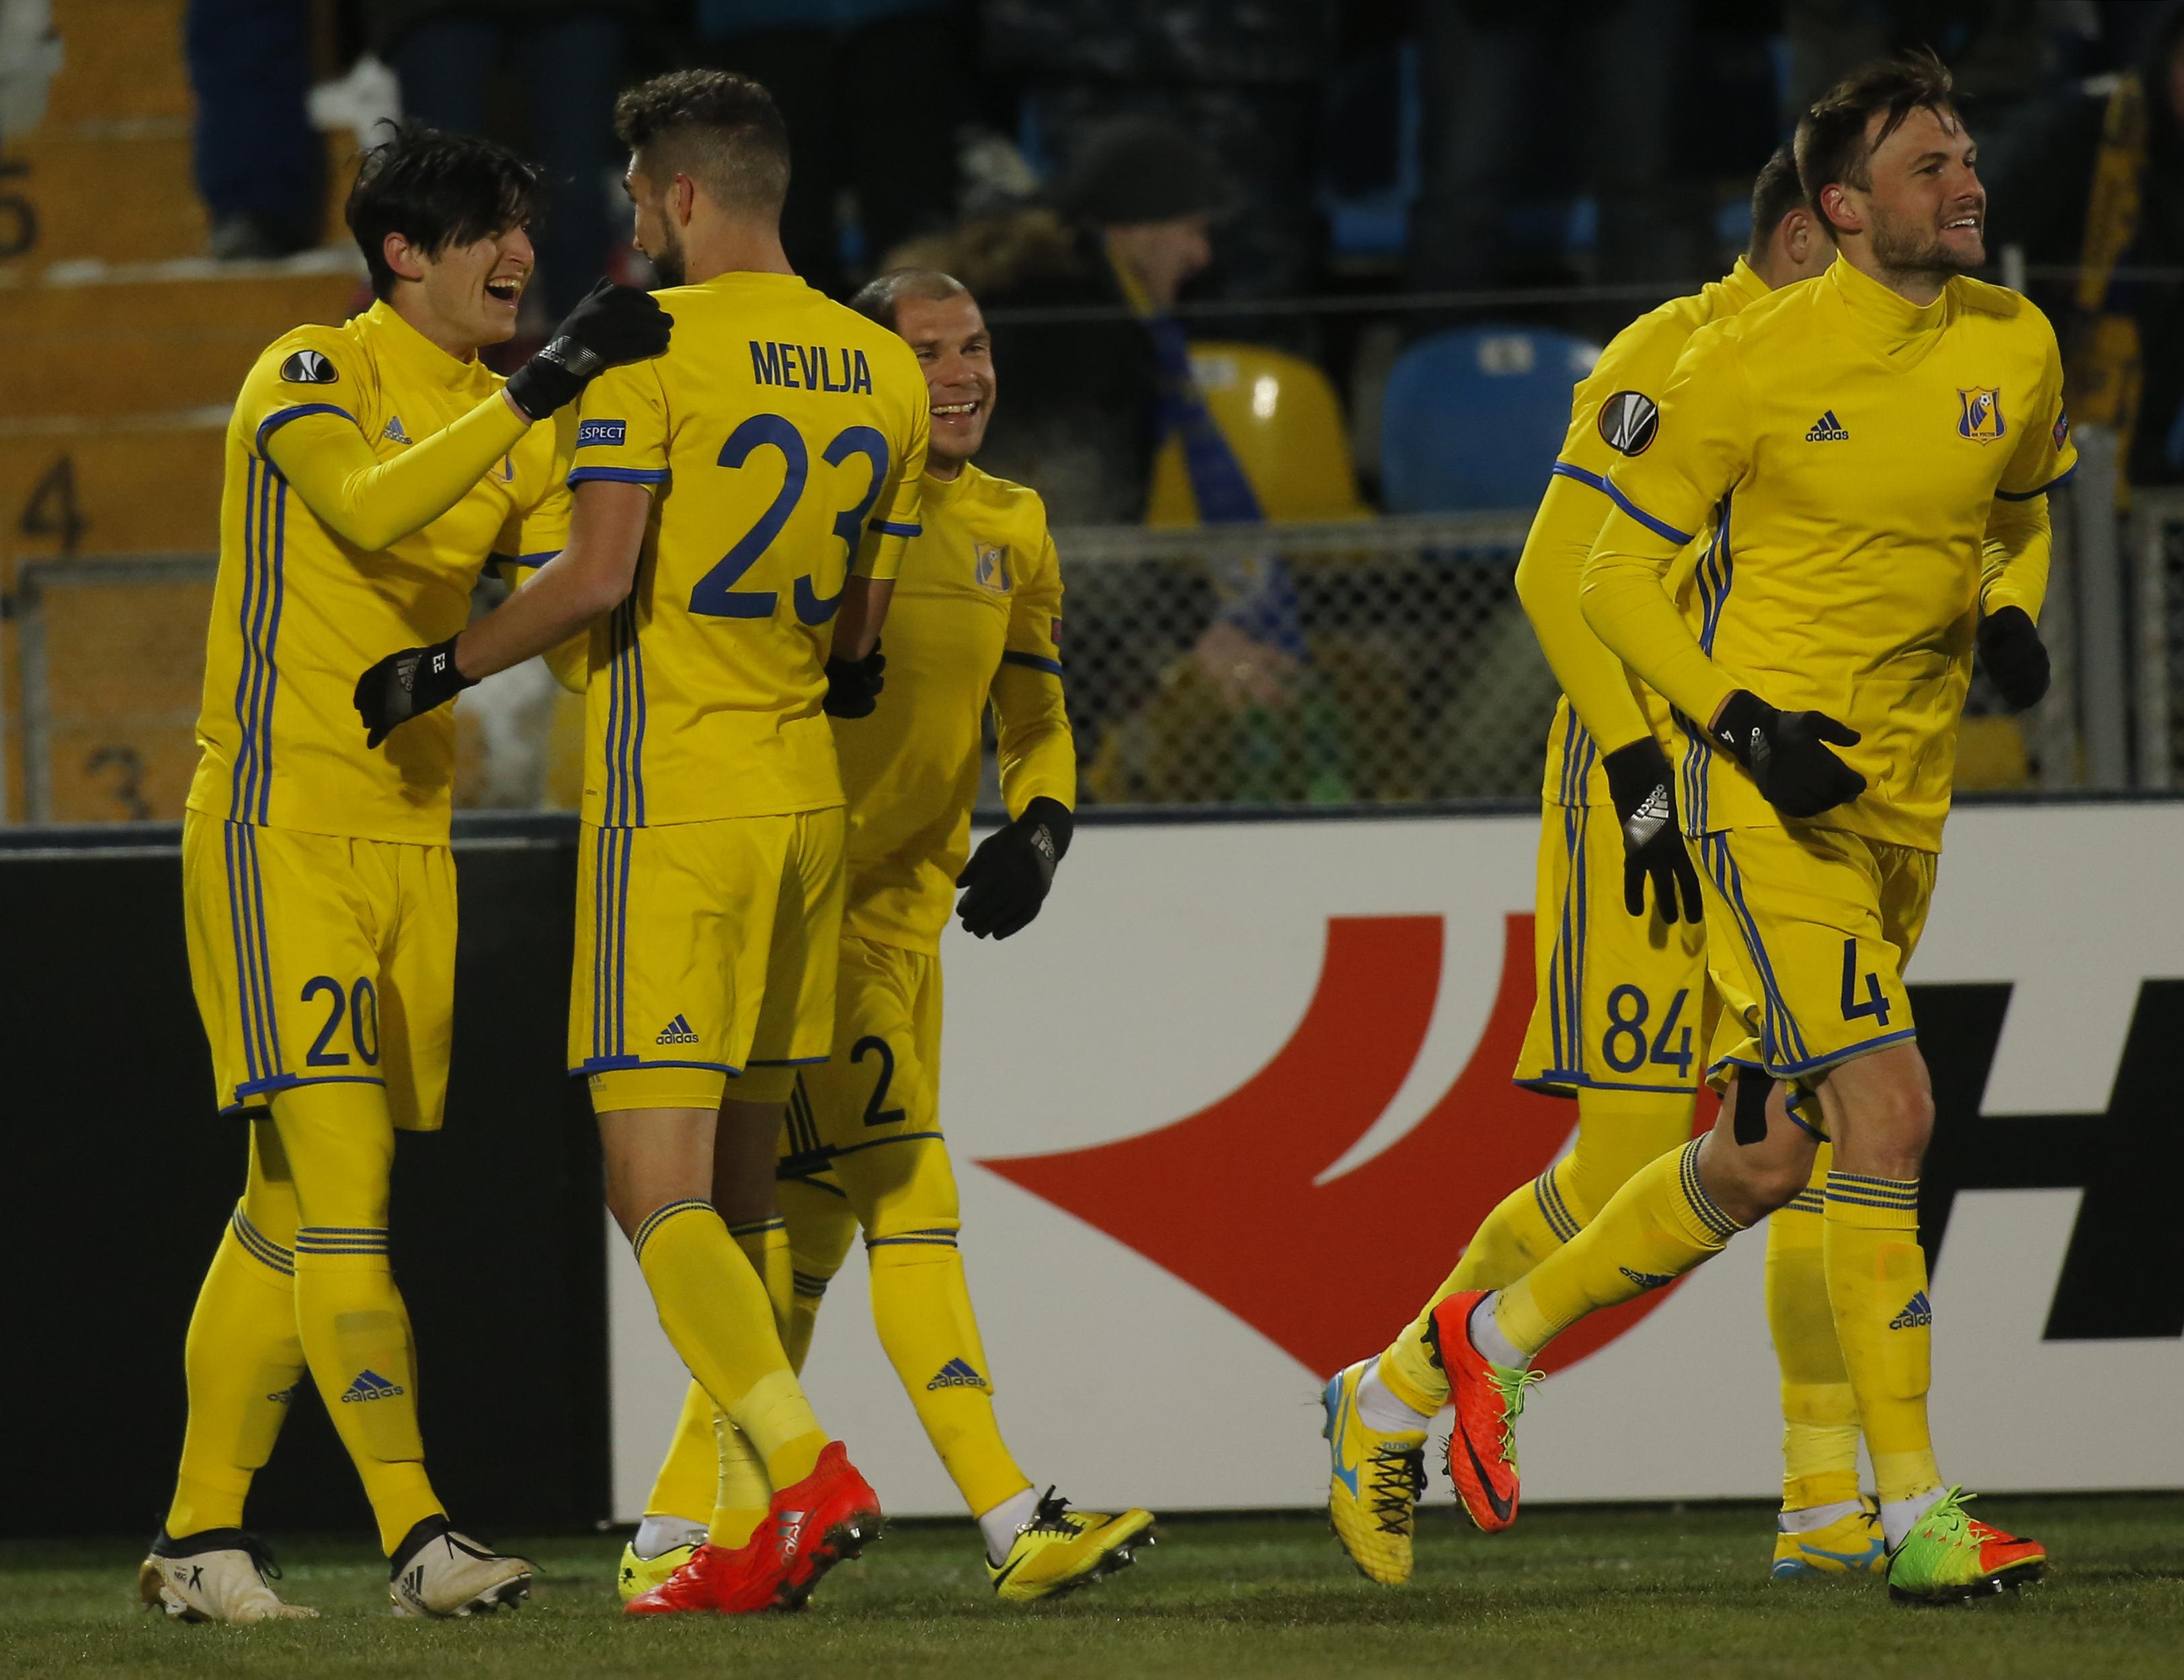 4 года назад «Ростов» уничтожил «Спарту» в плей-офф Лиги Европы. Все голы забили будущие игроки «Зенита»